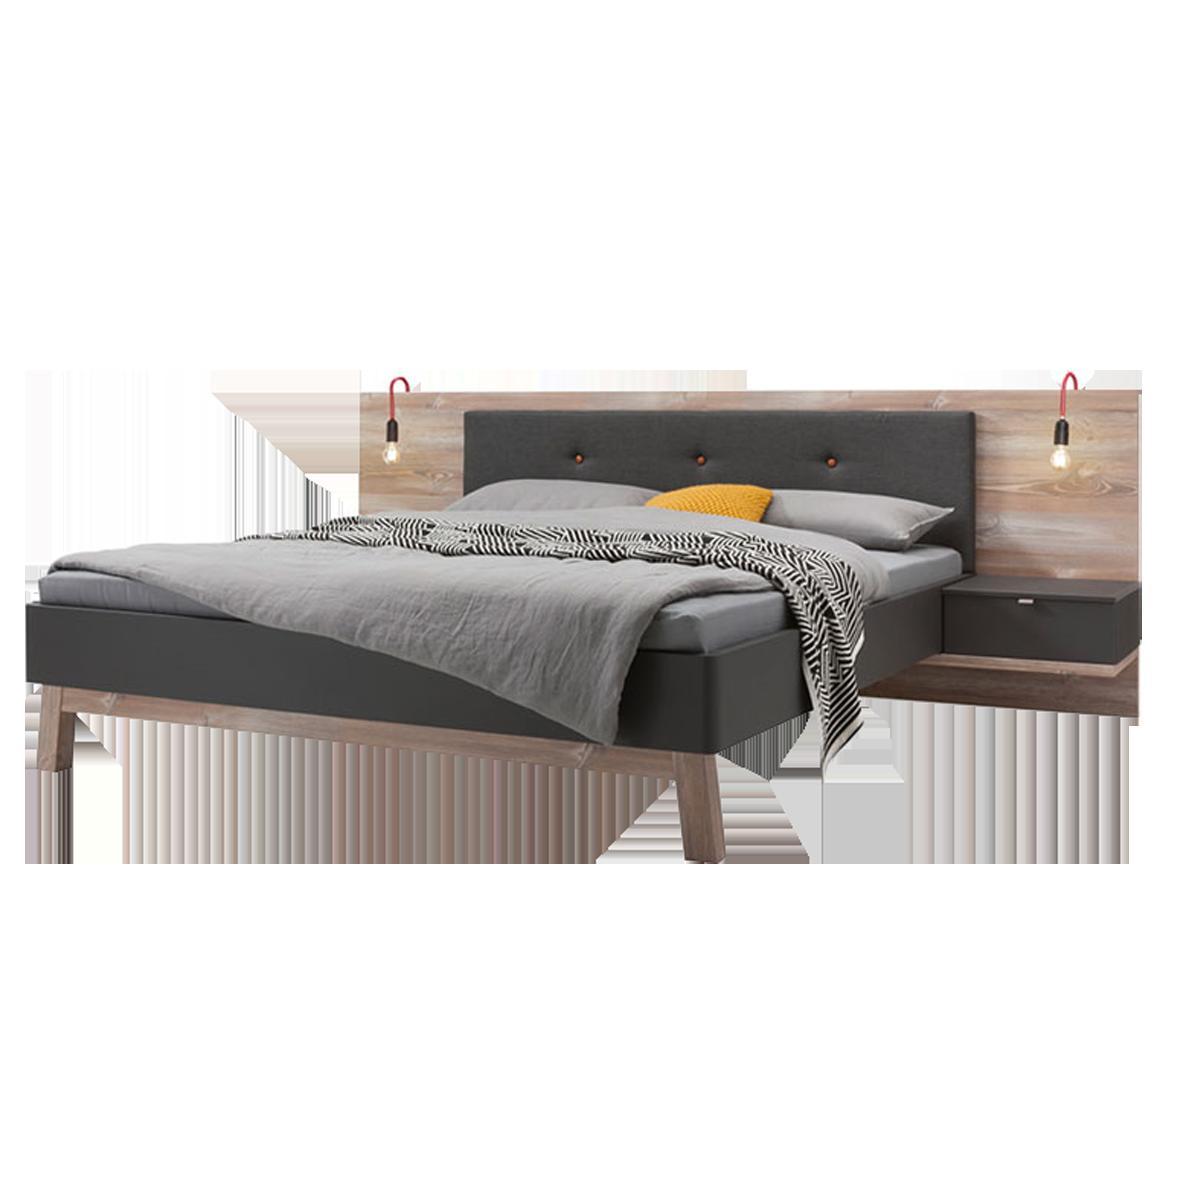 Full Size of Nolte Betten Mbel Cepina Bettanlage 1ausfhrung In Basalt Und Picea Pine Paradies 100x200 160x200 Massivholz Ikea Gebrauchte Französische Schlafzimmer Meise Bett Nolte Betten